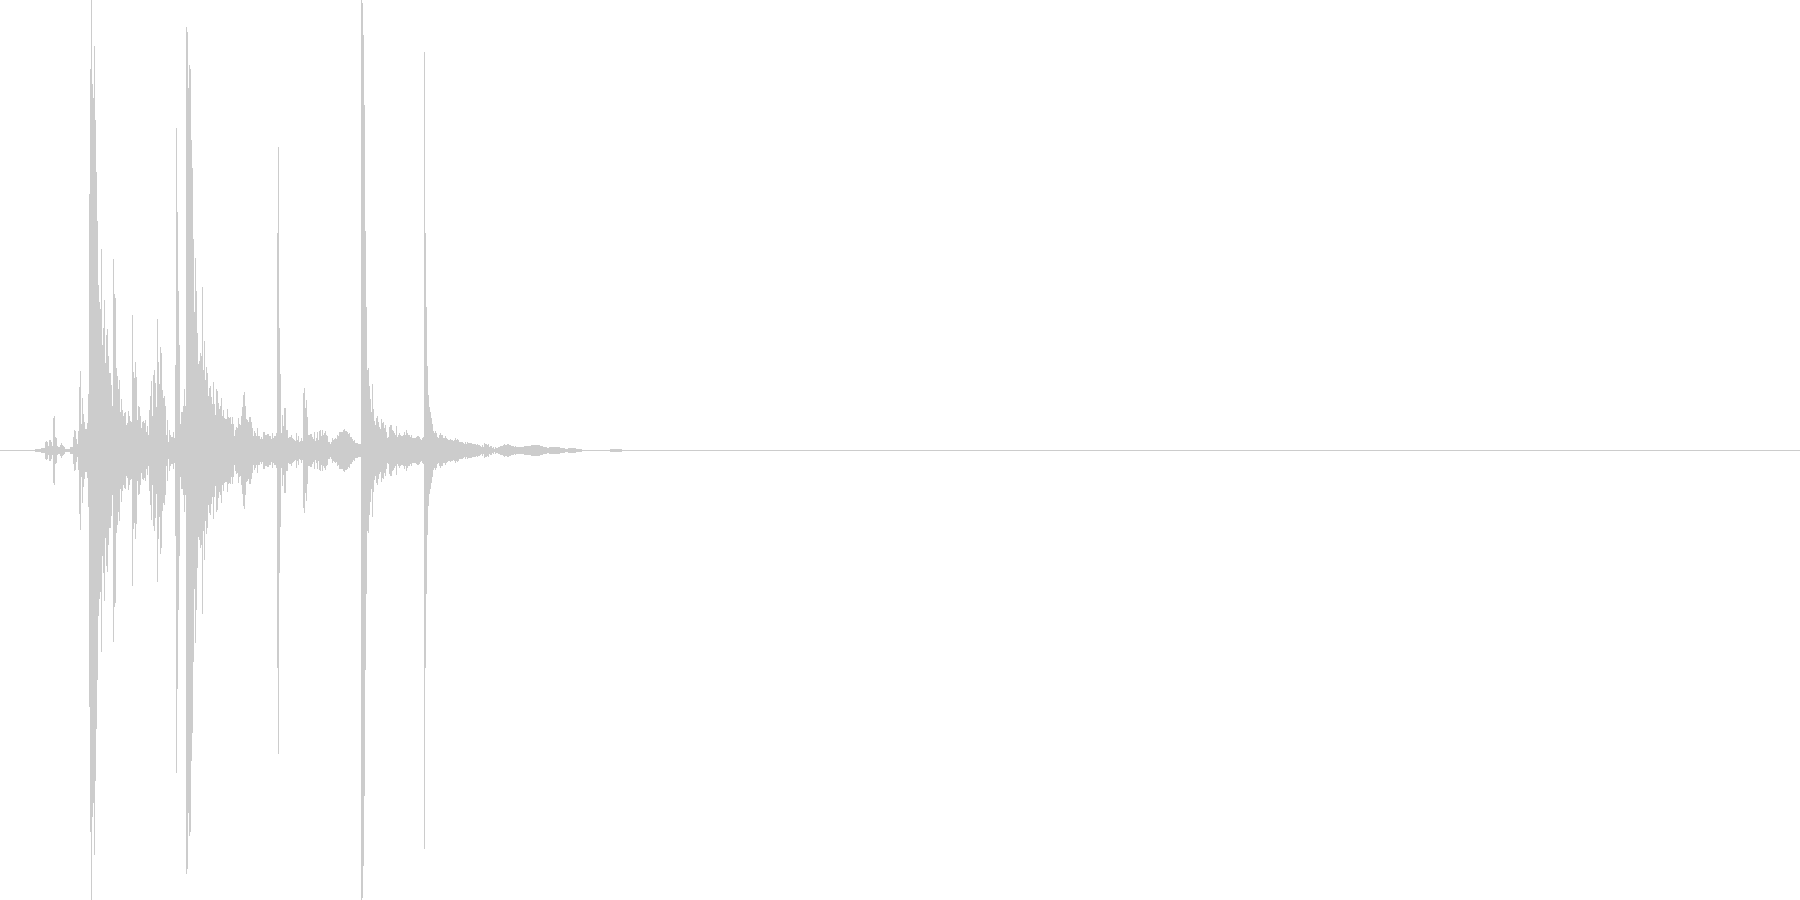 ぷちっ(アルミ缶つぶれた音)の未再生の波形